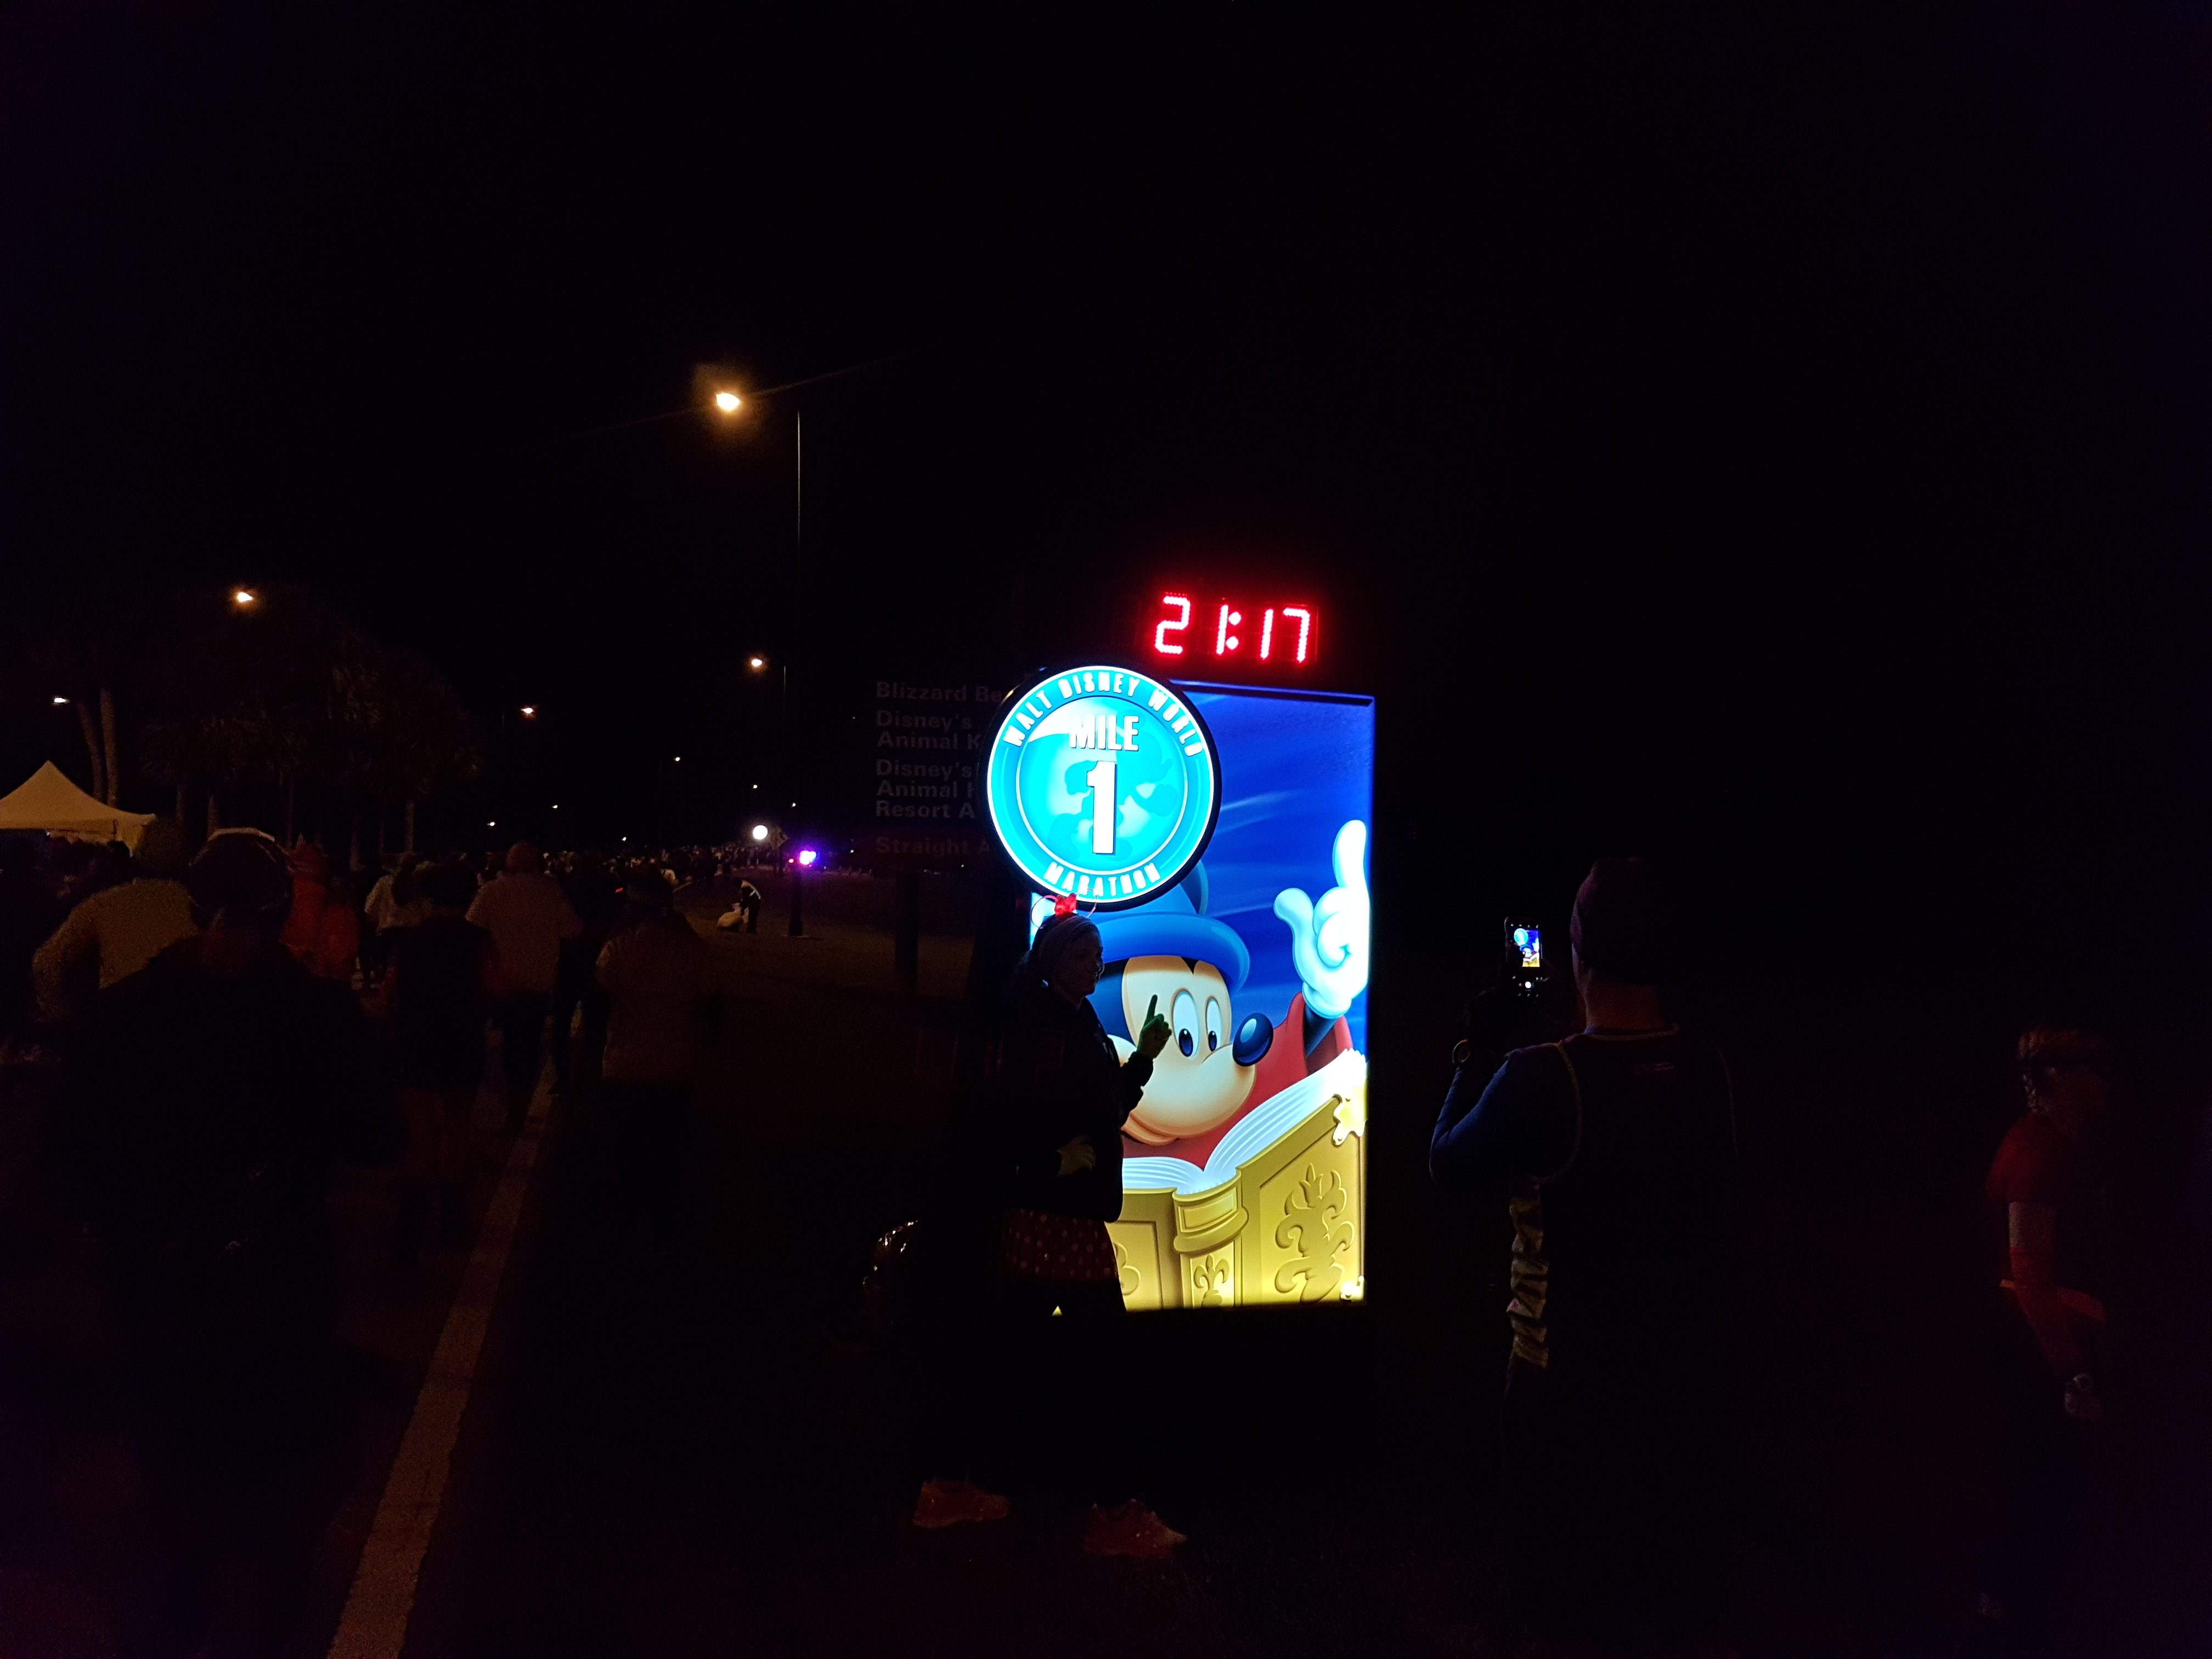 Mile 1